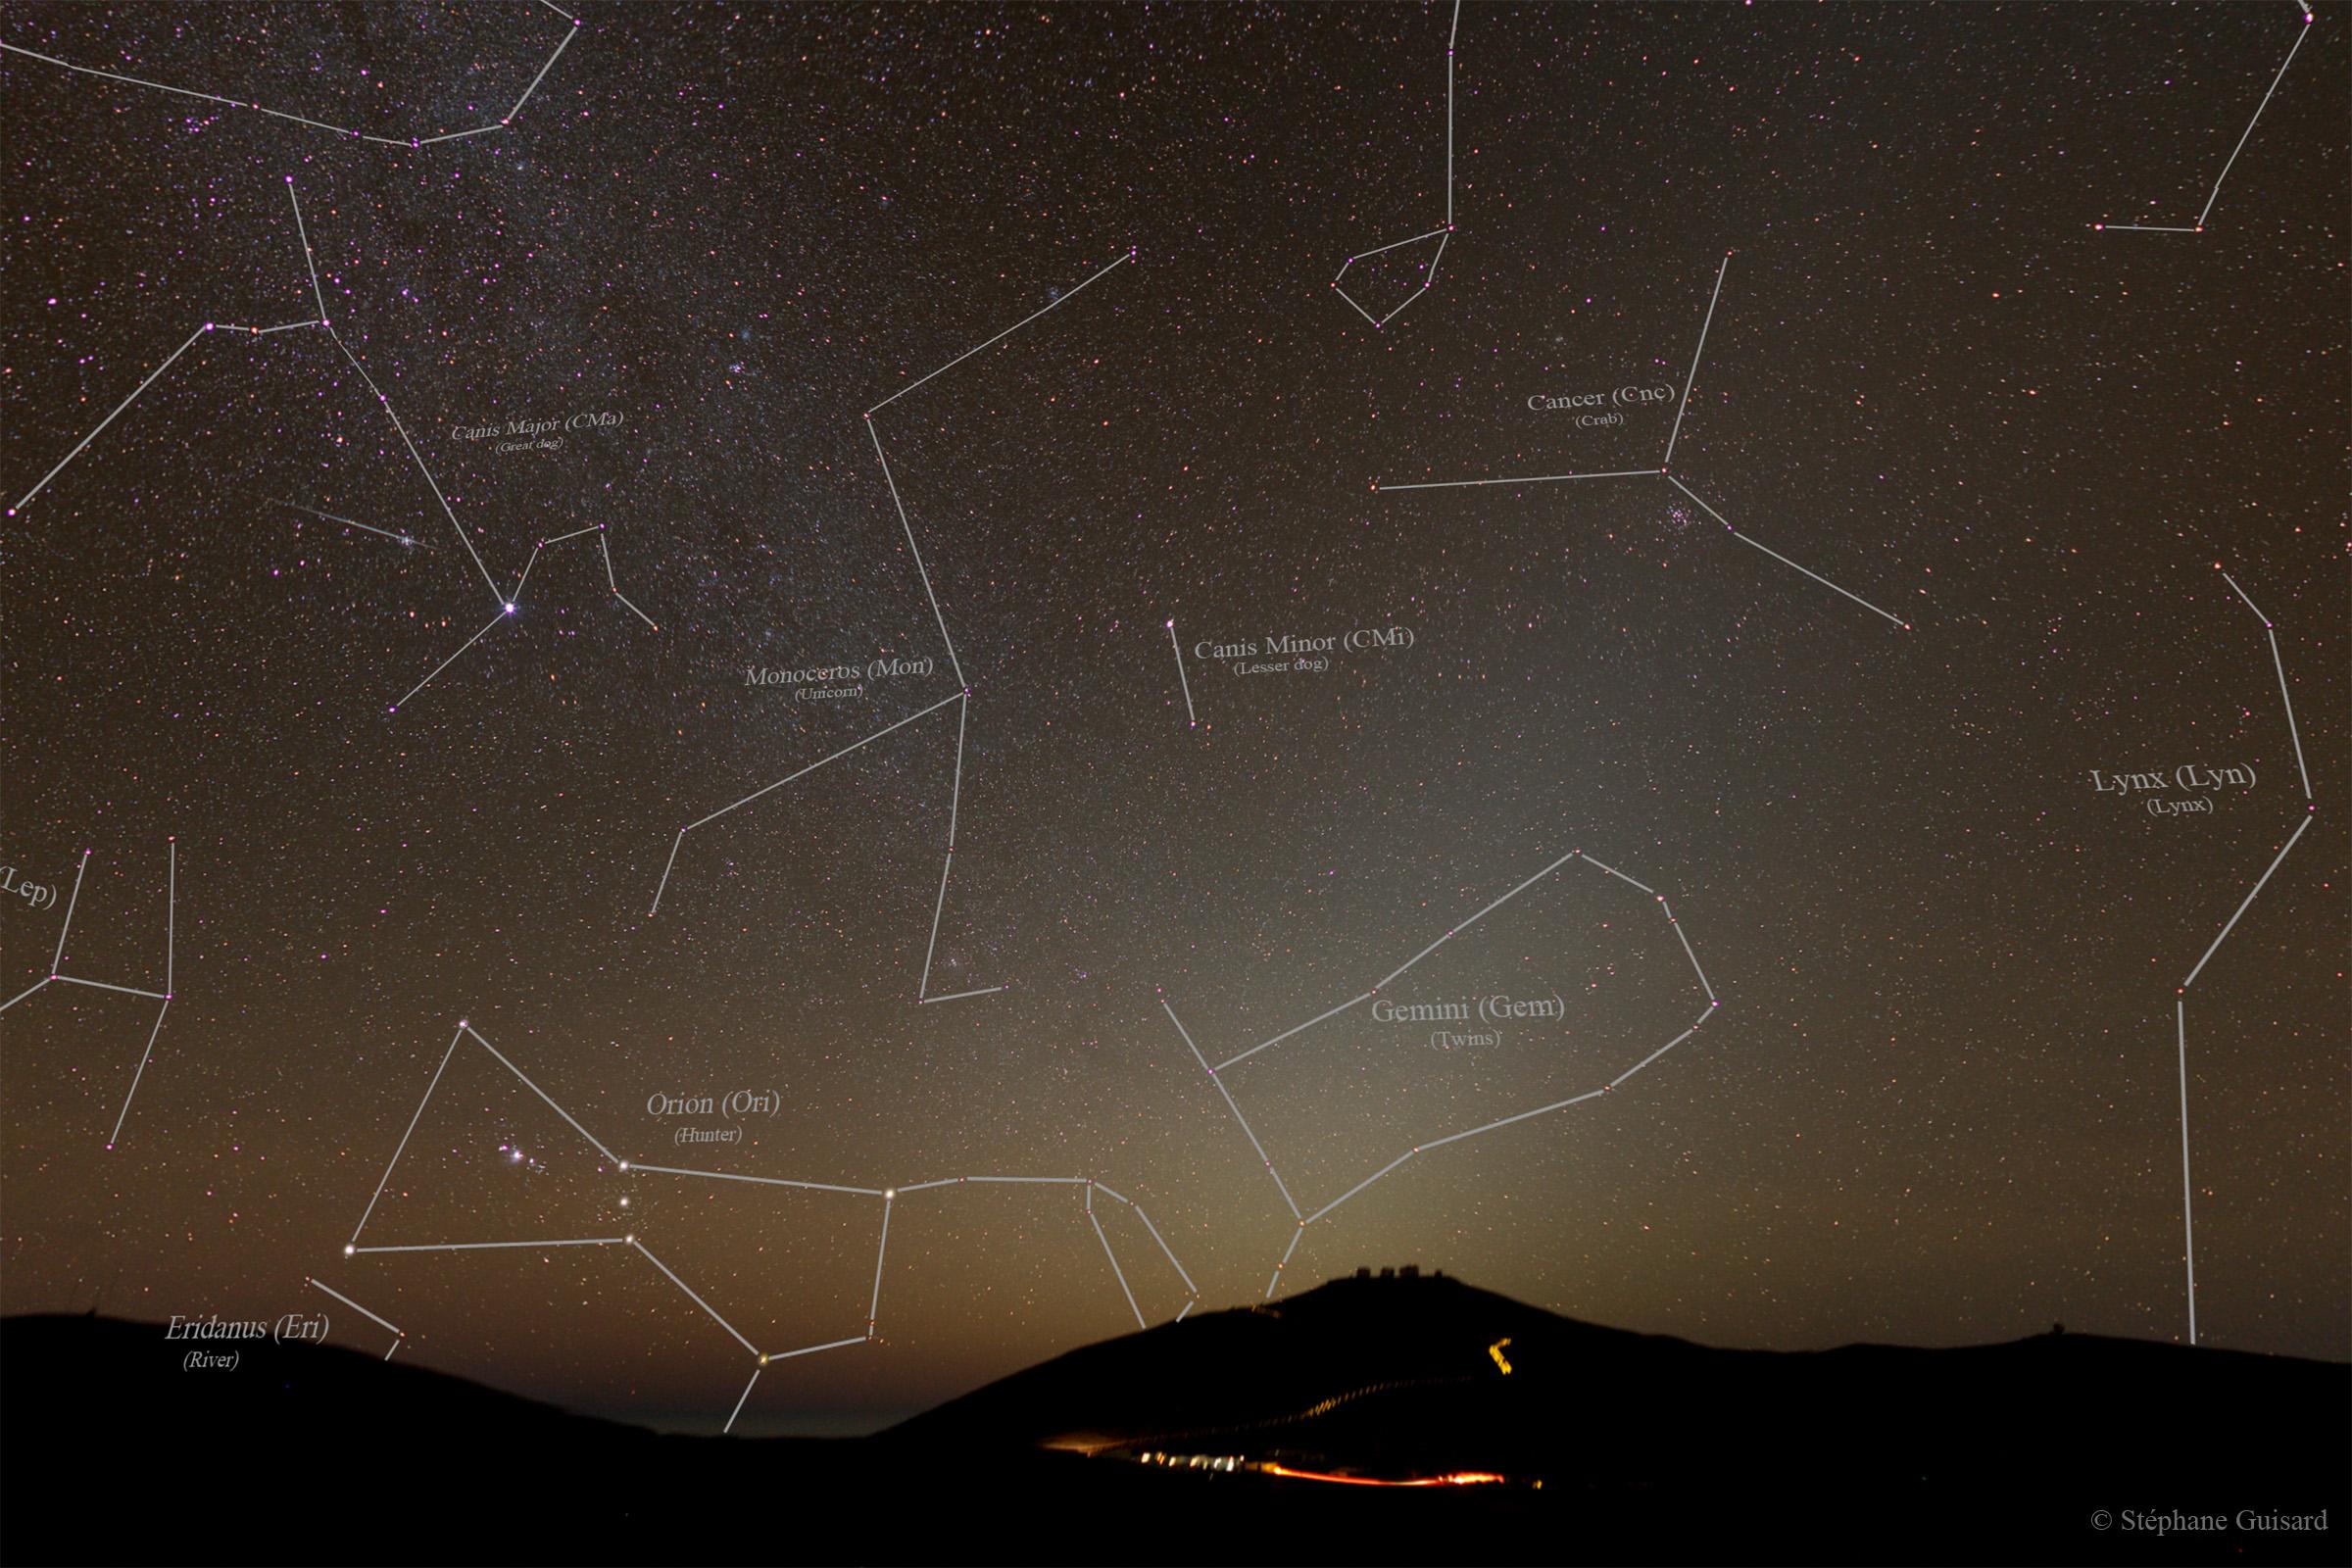 https://i2.wp.com/sguisard.astrosurf.com/Anim-astro/Paranal-ZL-MW/SGU-Paranal-Zodiacal_Light-MW-West-const-names-M-cp10.jpg